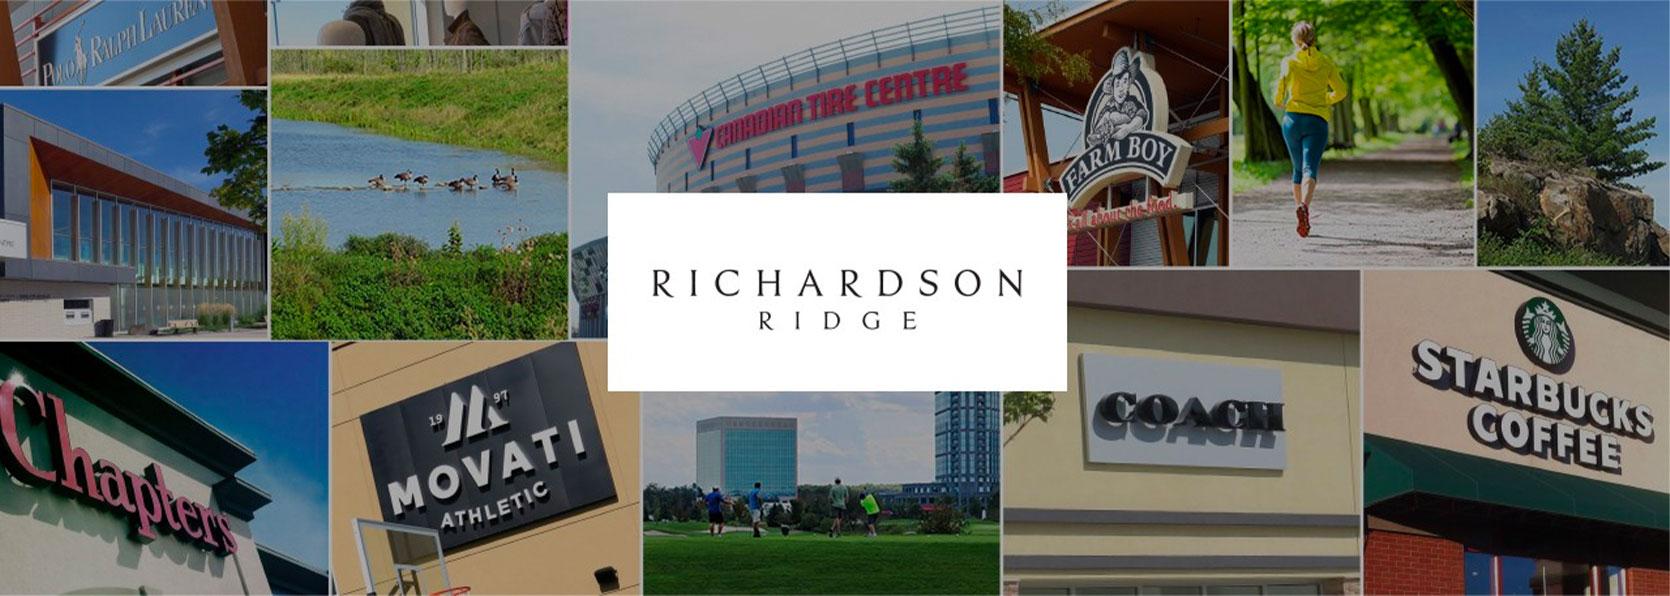 Richardson Ridge amenities collage